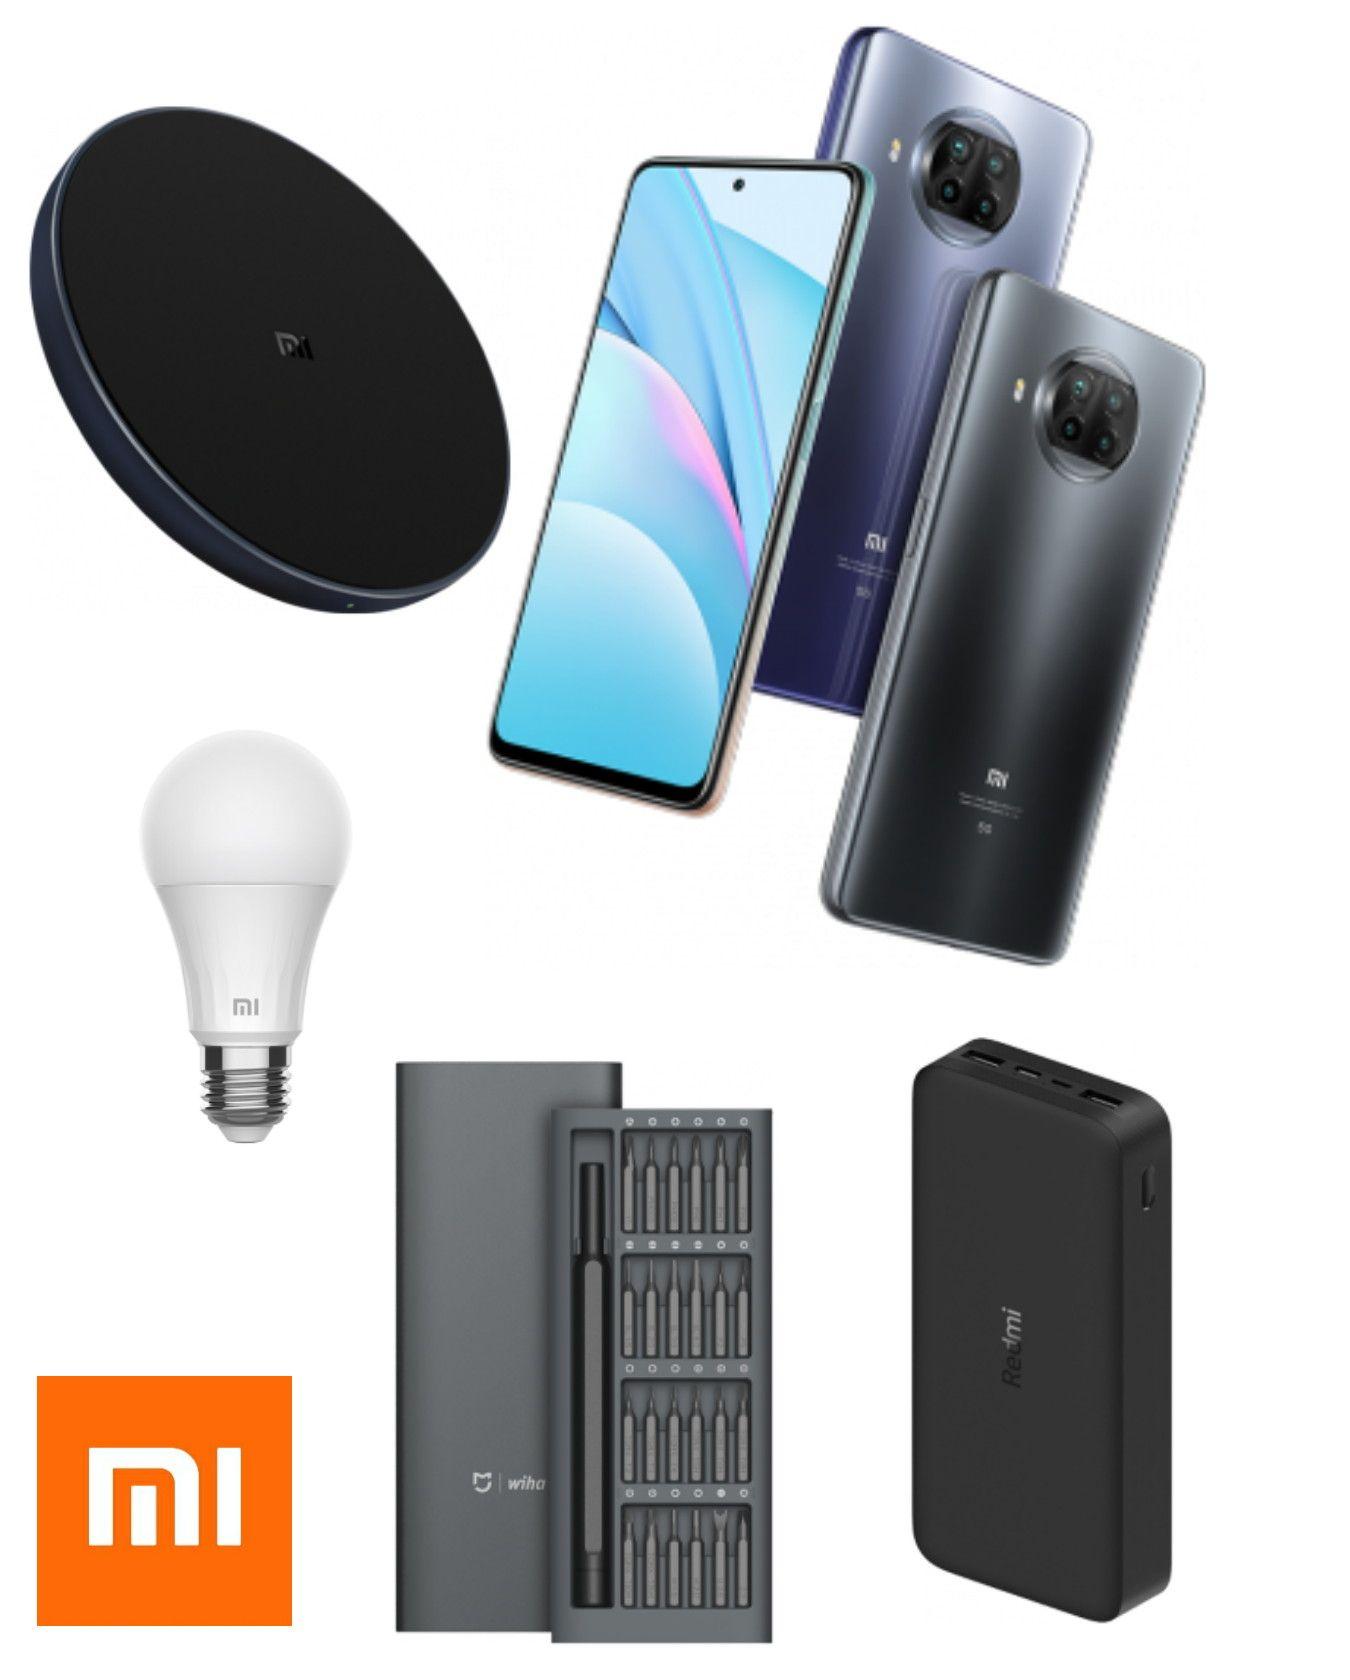 Xiaomi Mi 10t Lite 64GB - £189 (£178.99 With Screwdriver/Bulb etc    £173.99 With Selfie Stick/Powerbank Etc)   9s 64GB - £139 @ Xiaomi